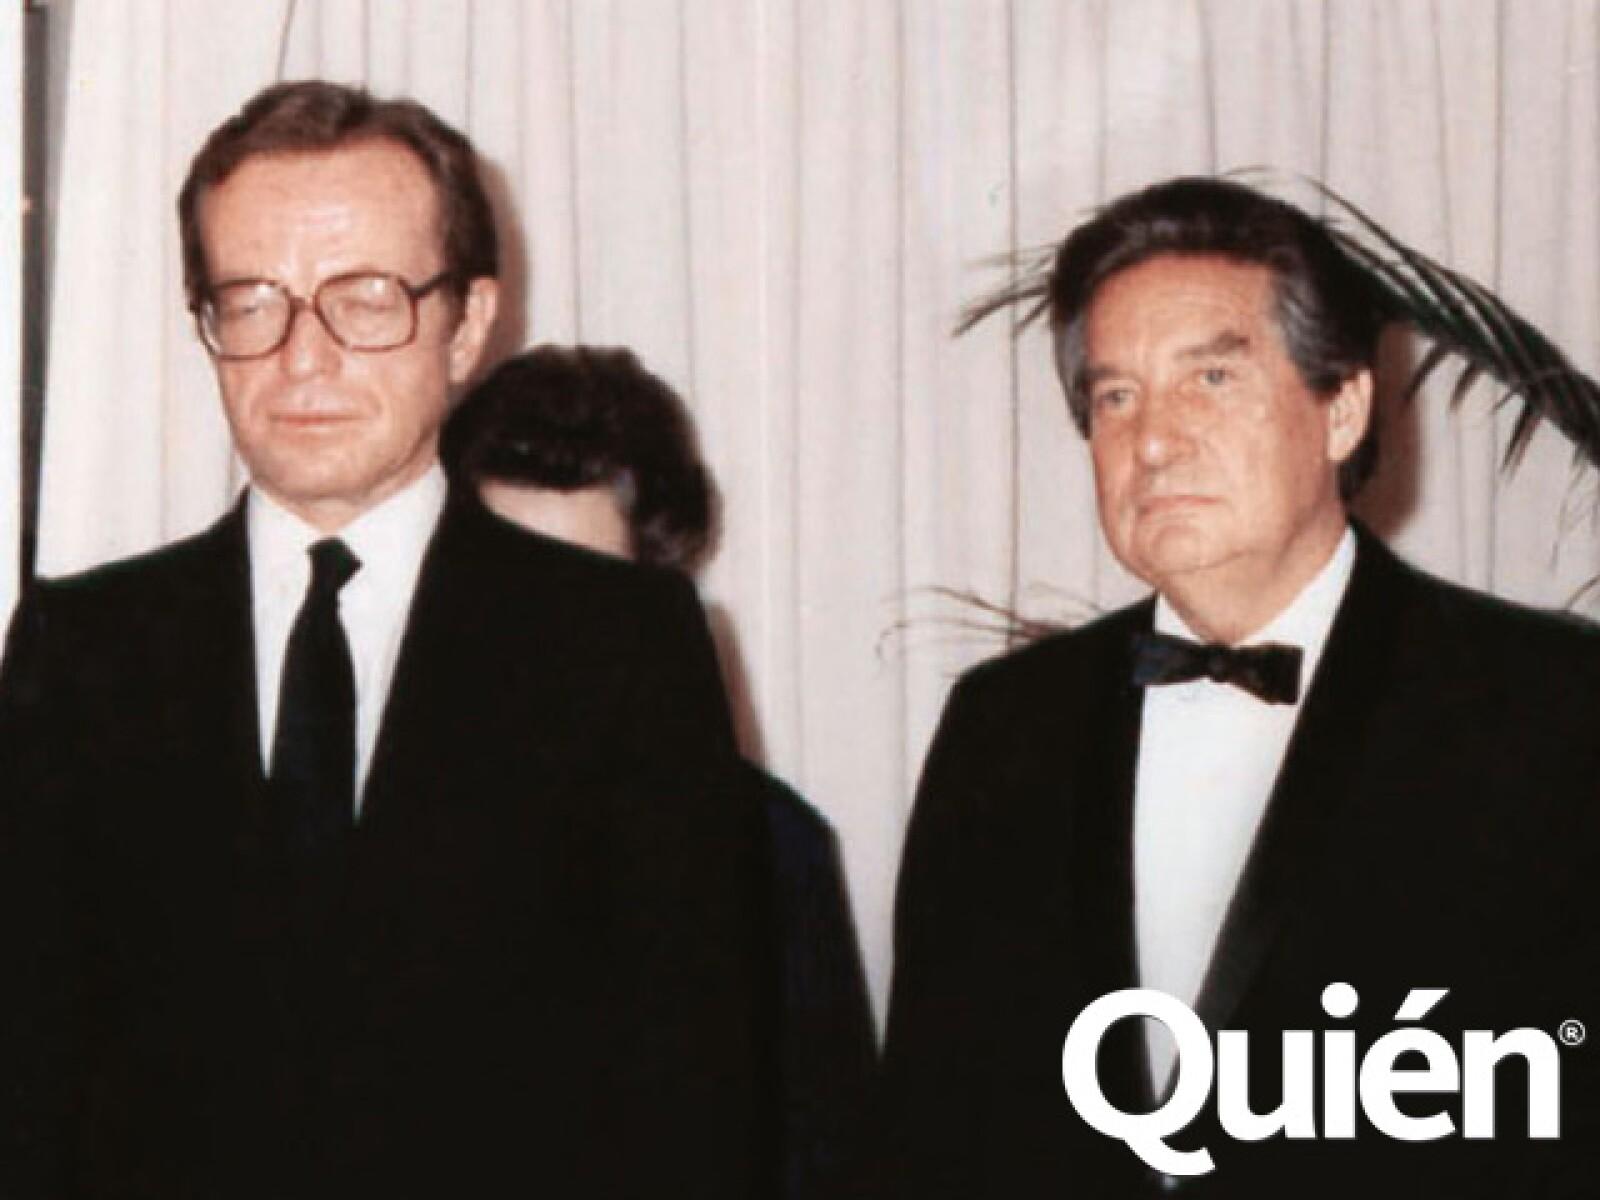 Jacobo y Octavio Paz en la época en que el escritor colaboraba con comentarios en 24 Horas. De ahí nació una gran amistad.